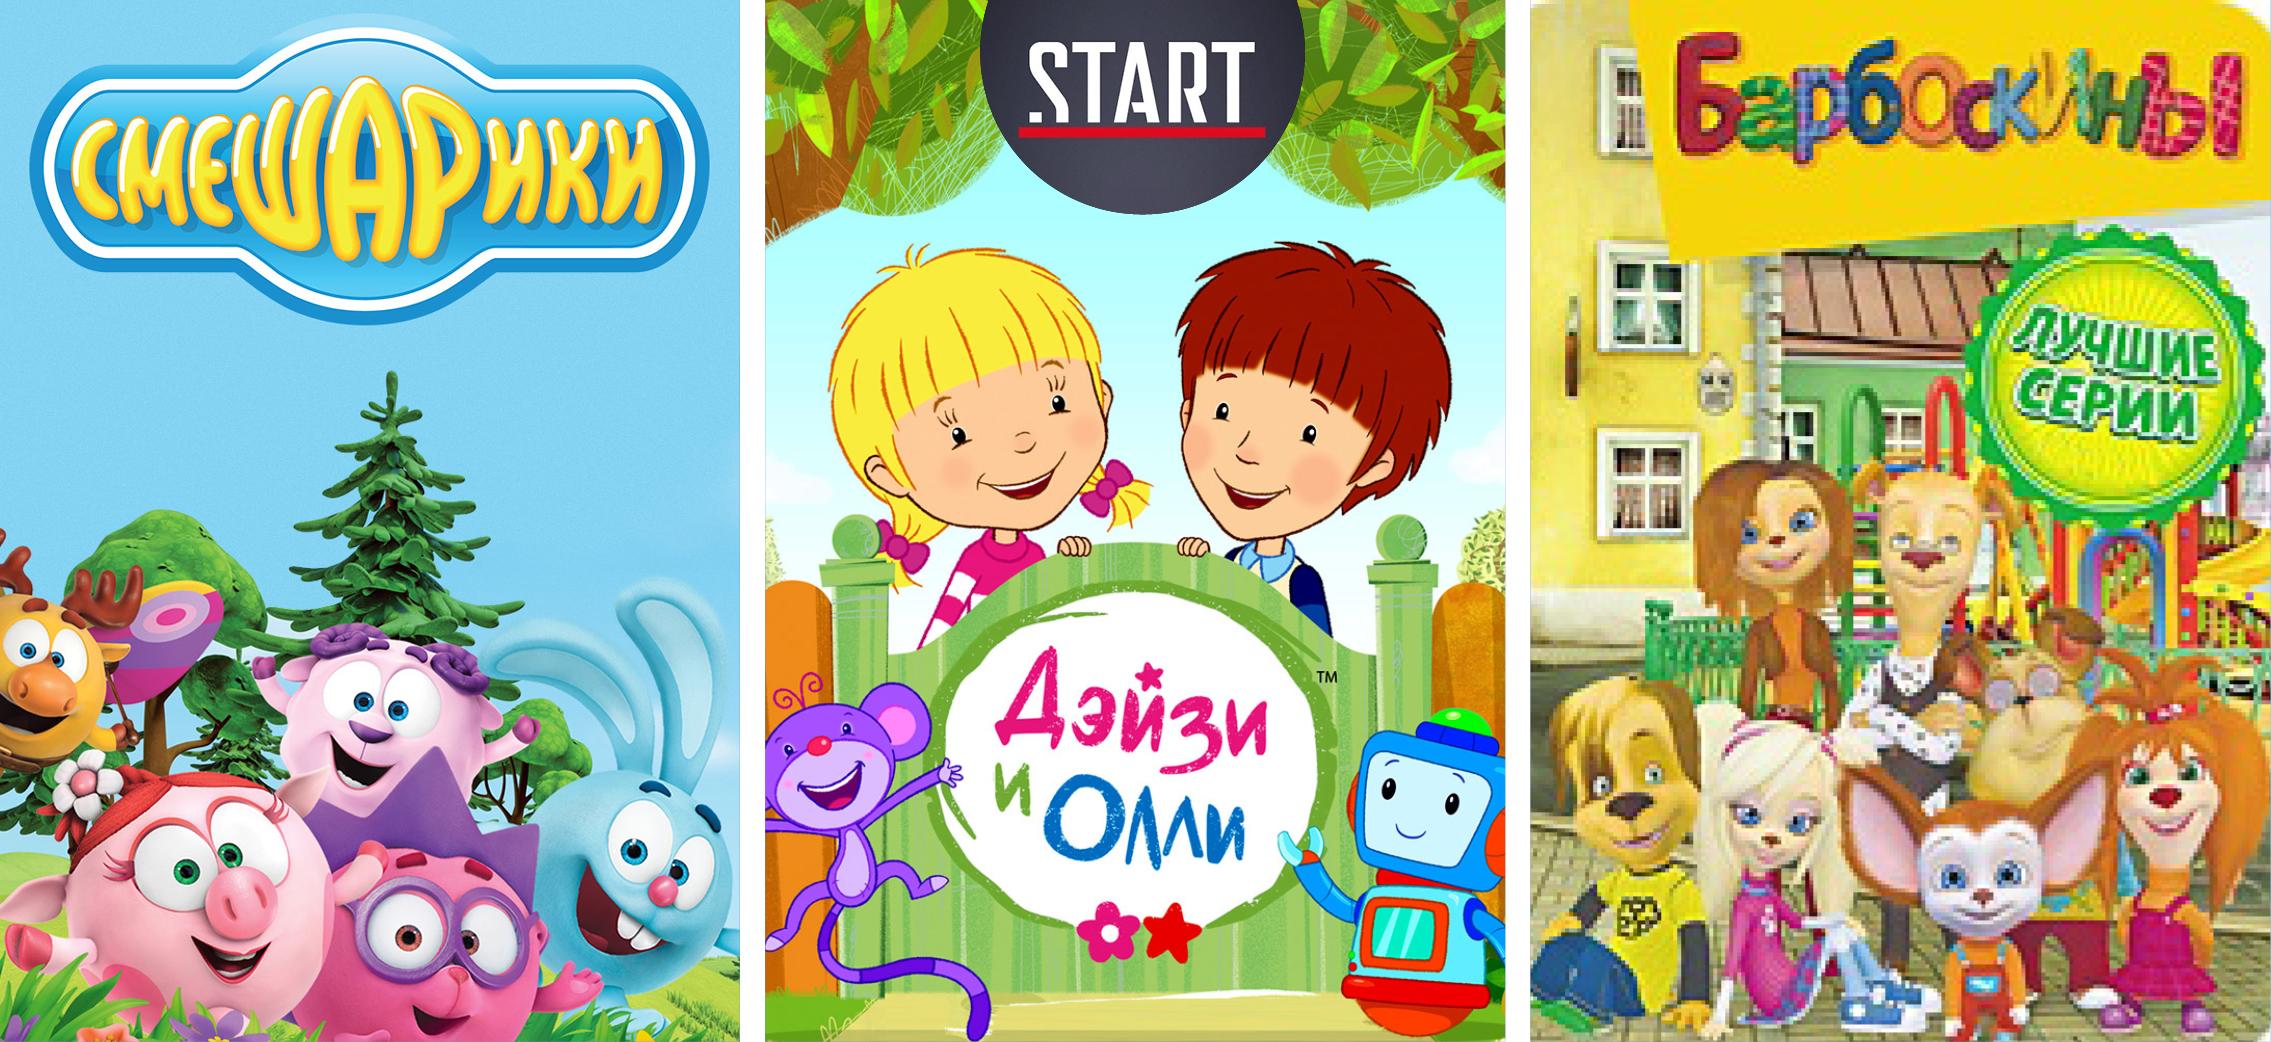 Kartina.TV дарит детям самые красочные и познавательные фильмы и программы!